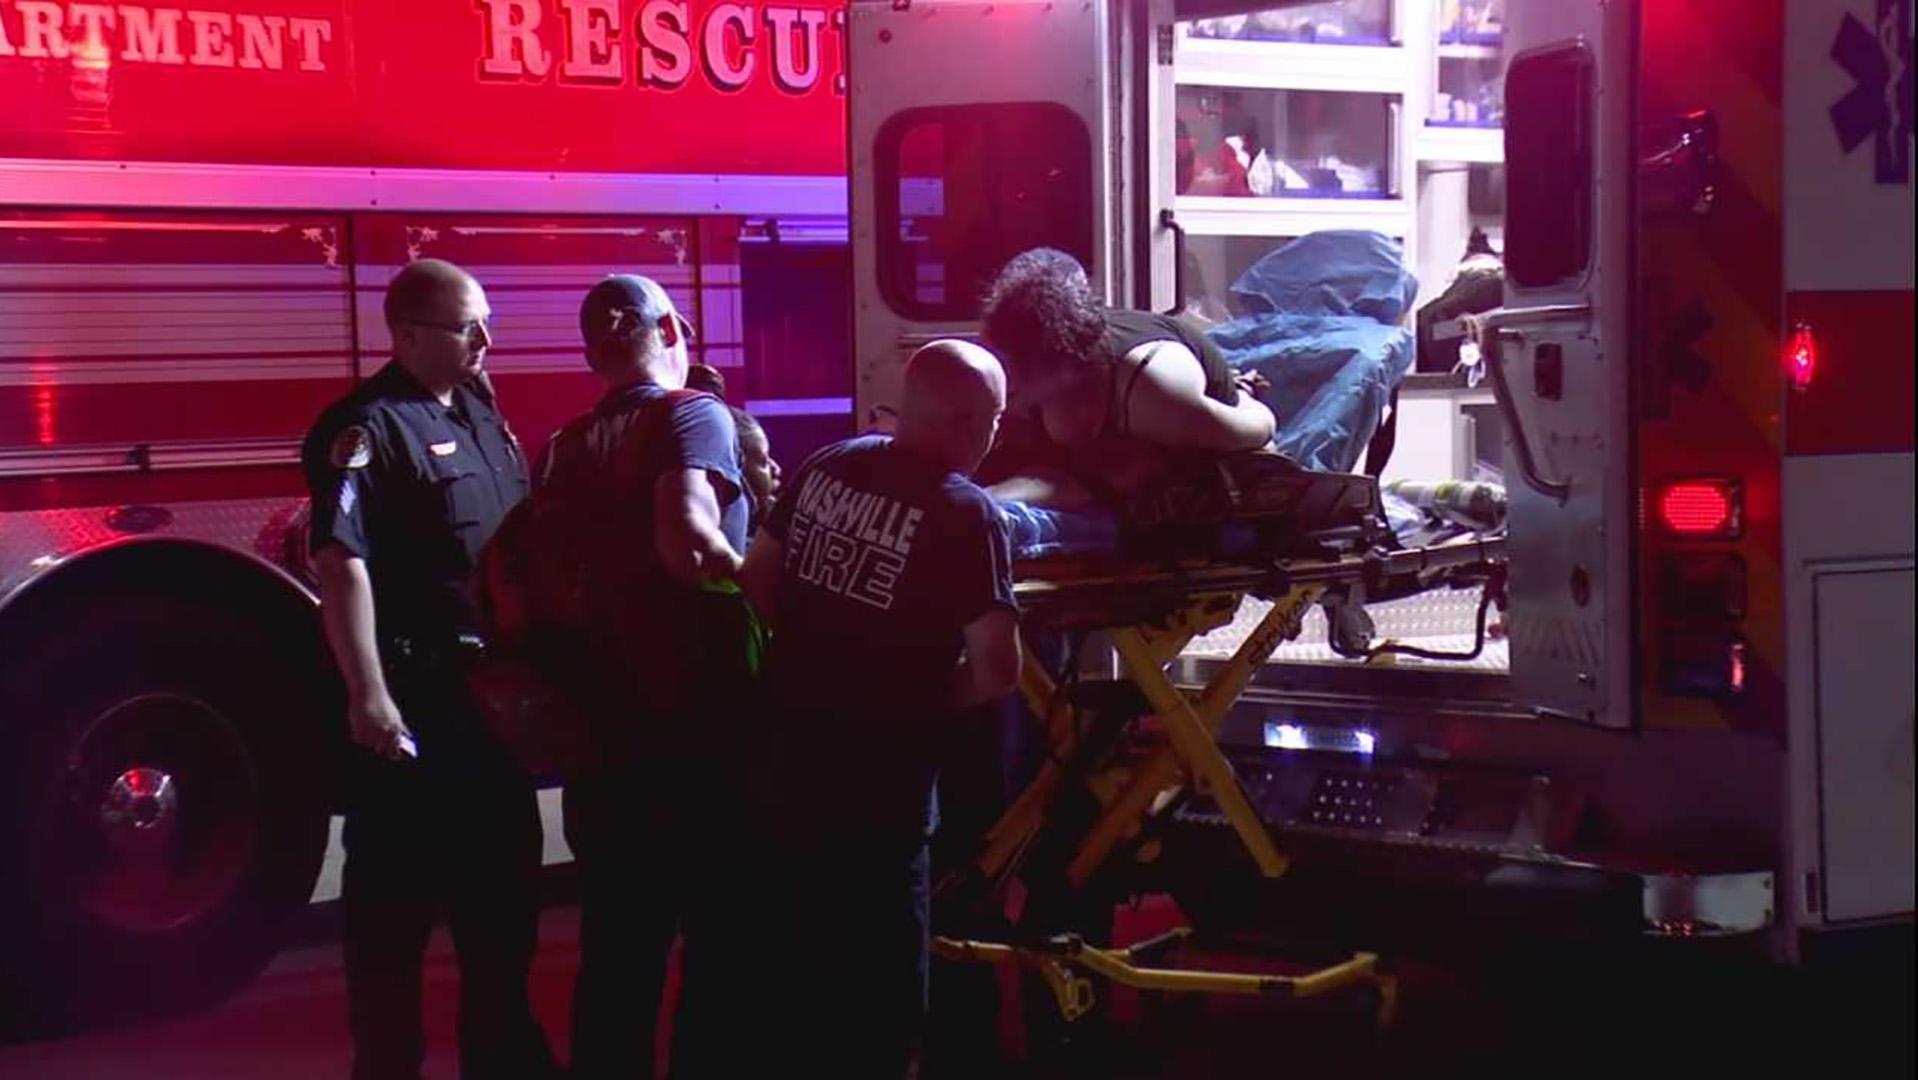 Officer injured_1529154184940.jpg.jpg